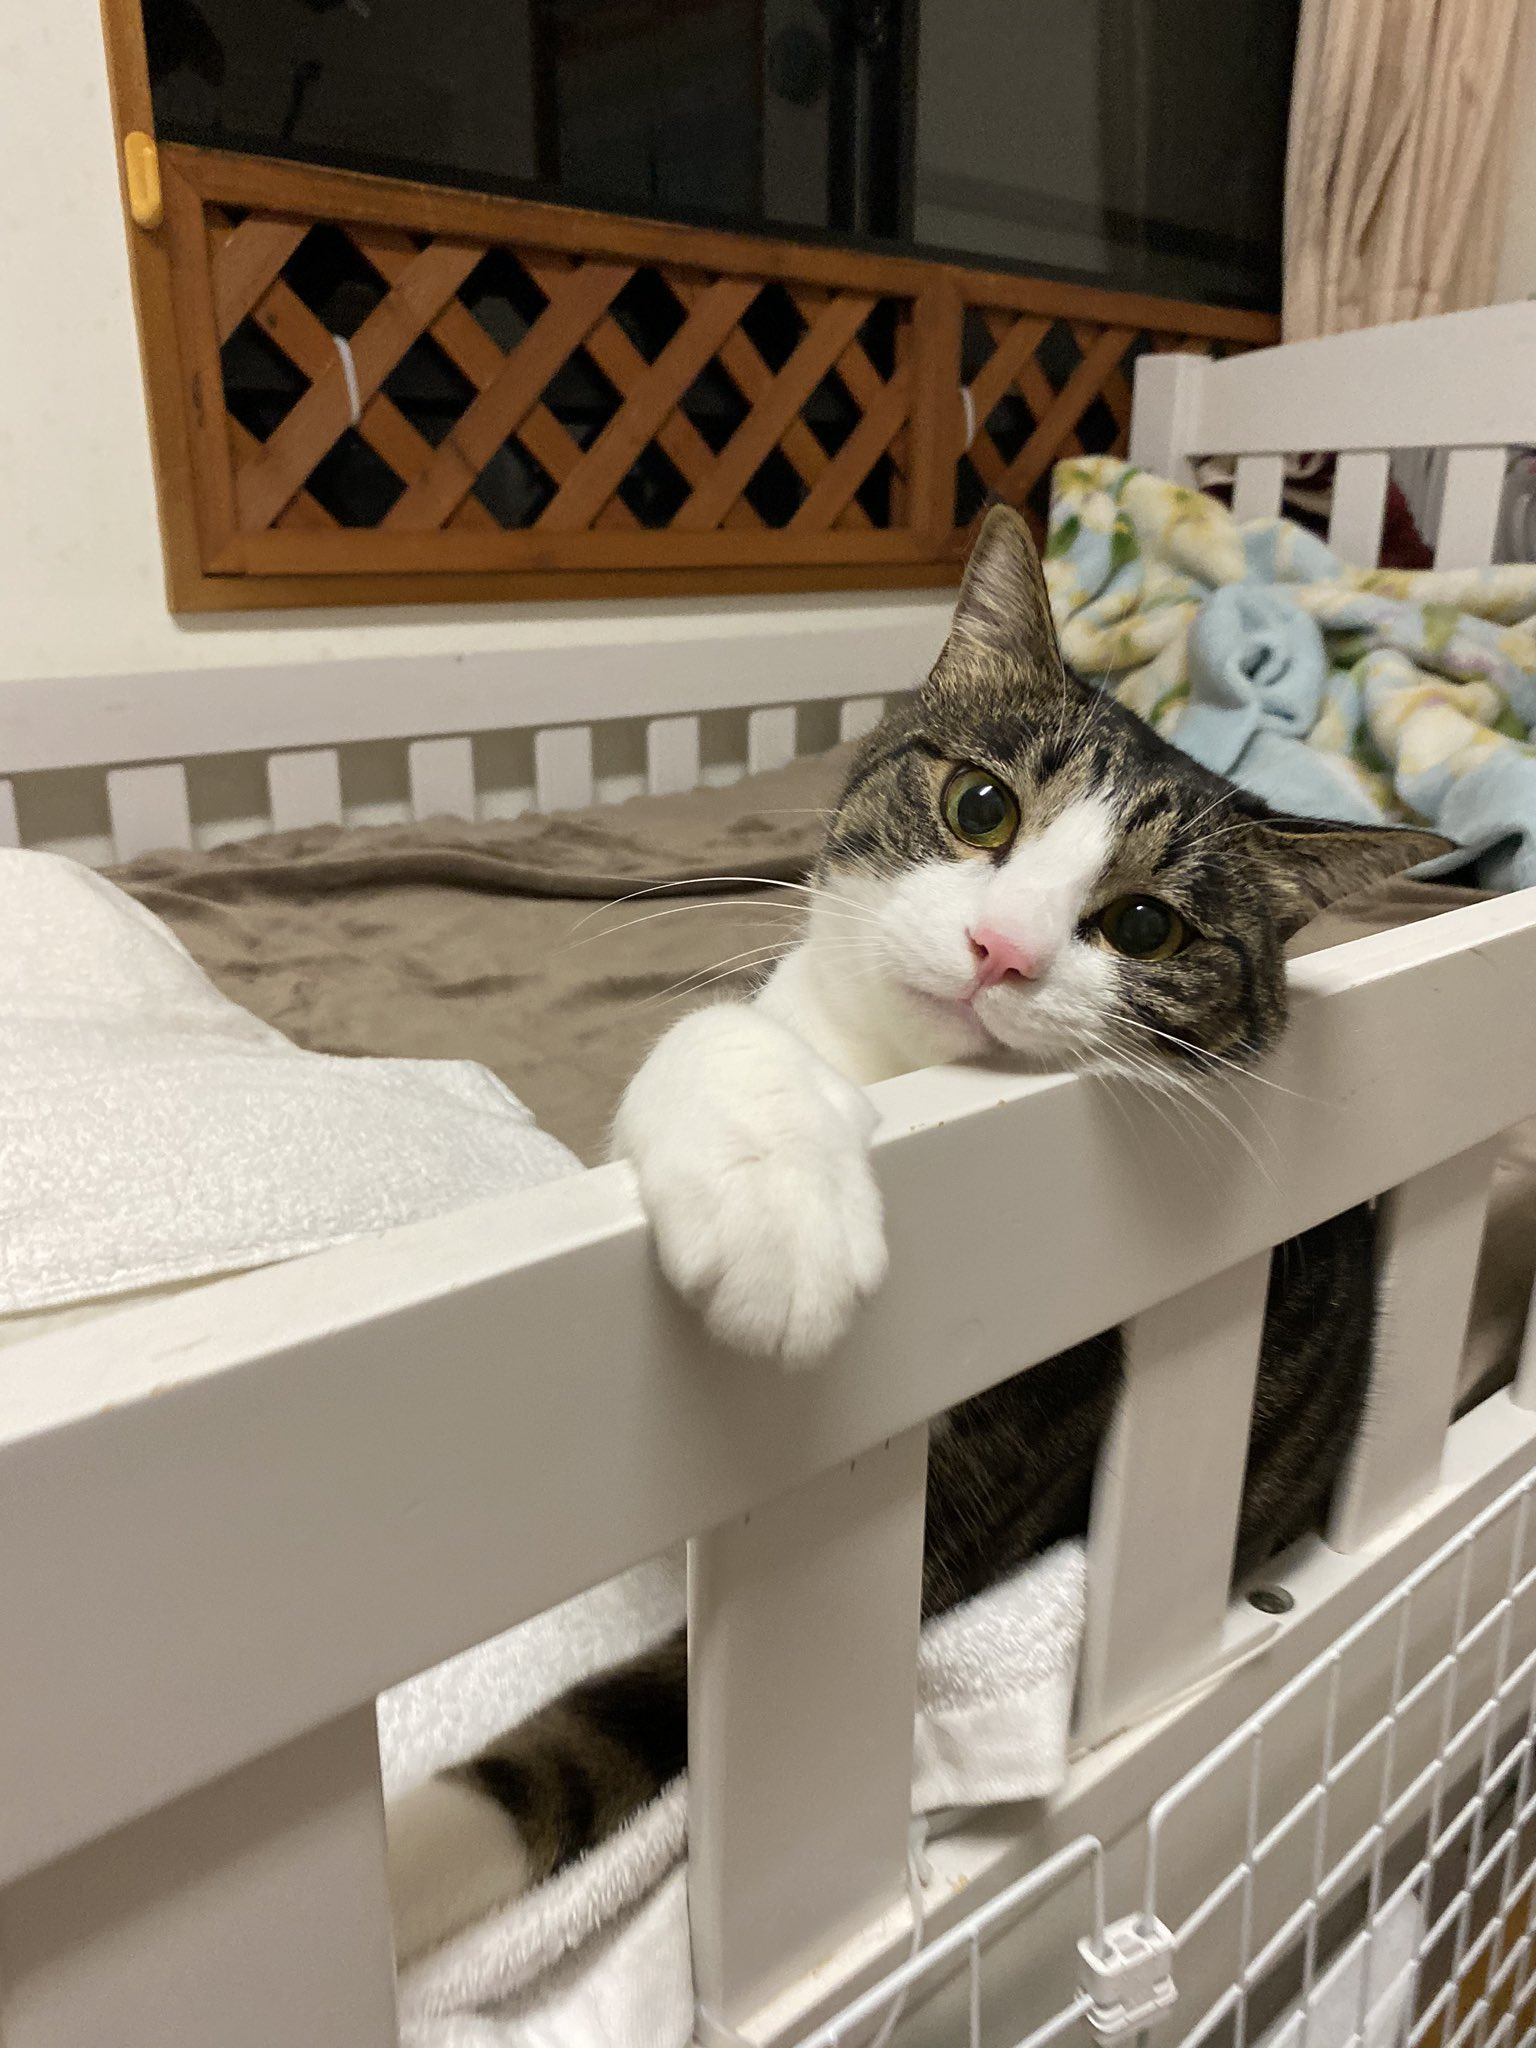 めちゃくちゃわかります!! 寝る前の美容液、シミのお薬ハイドロキノン、がっつり塗るの諦めました… おやすみで自ら4匹の猫吸いするのがいけないんですけどね(〃ω〃)